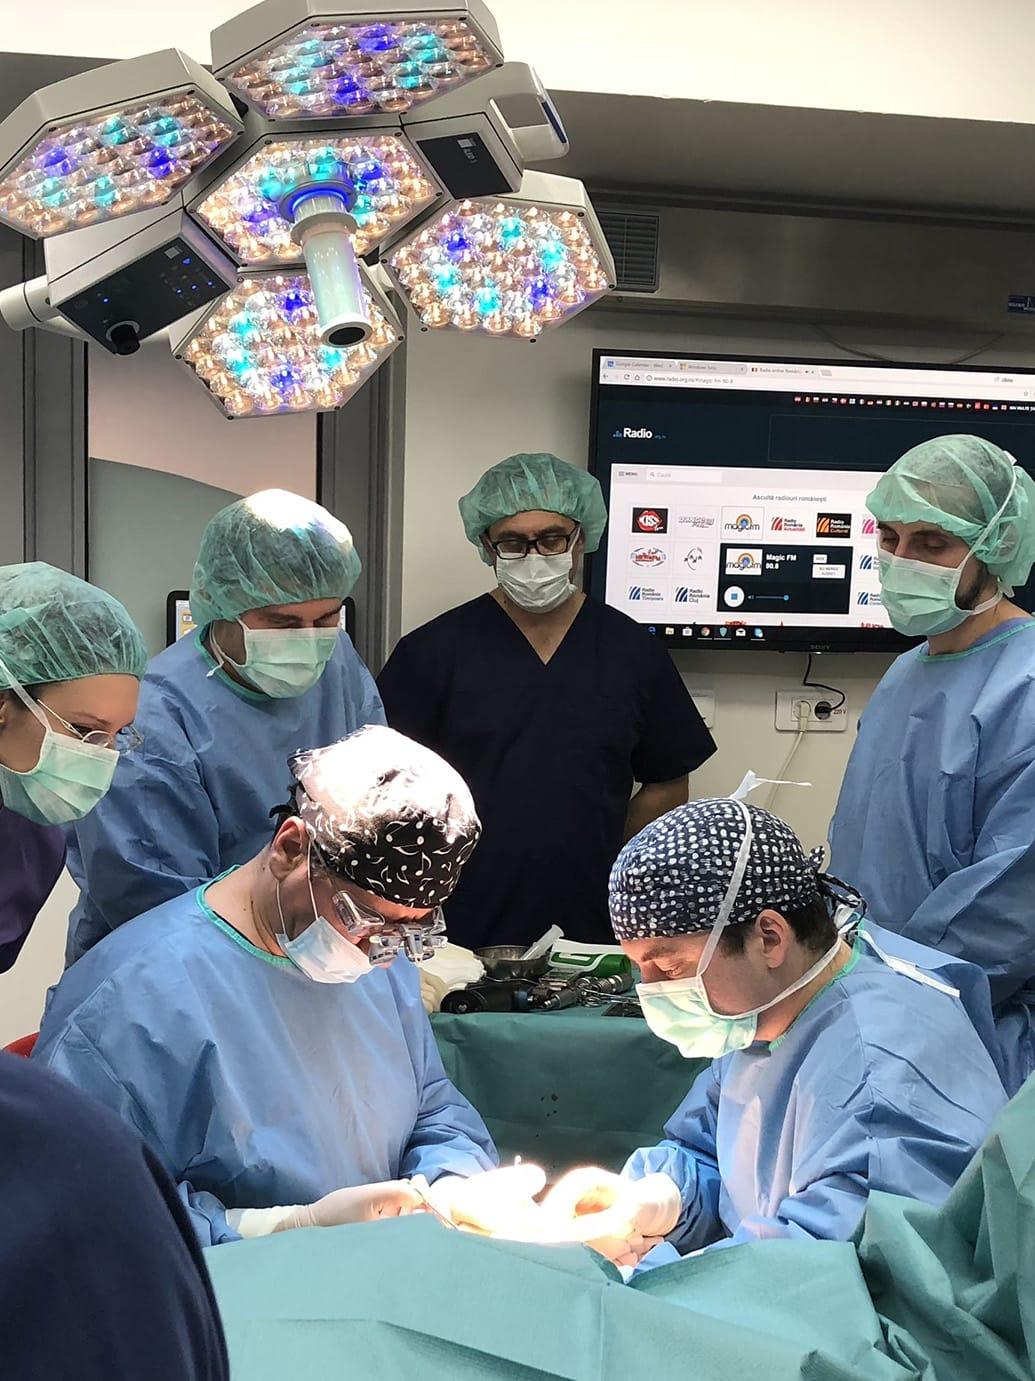 Imagini Operatie Chirurgia Mainii, Ortopedie, Artroscopie, Dr. Vilcioiu Daniel